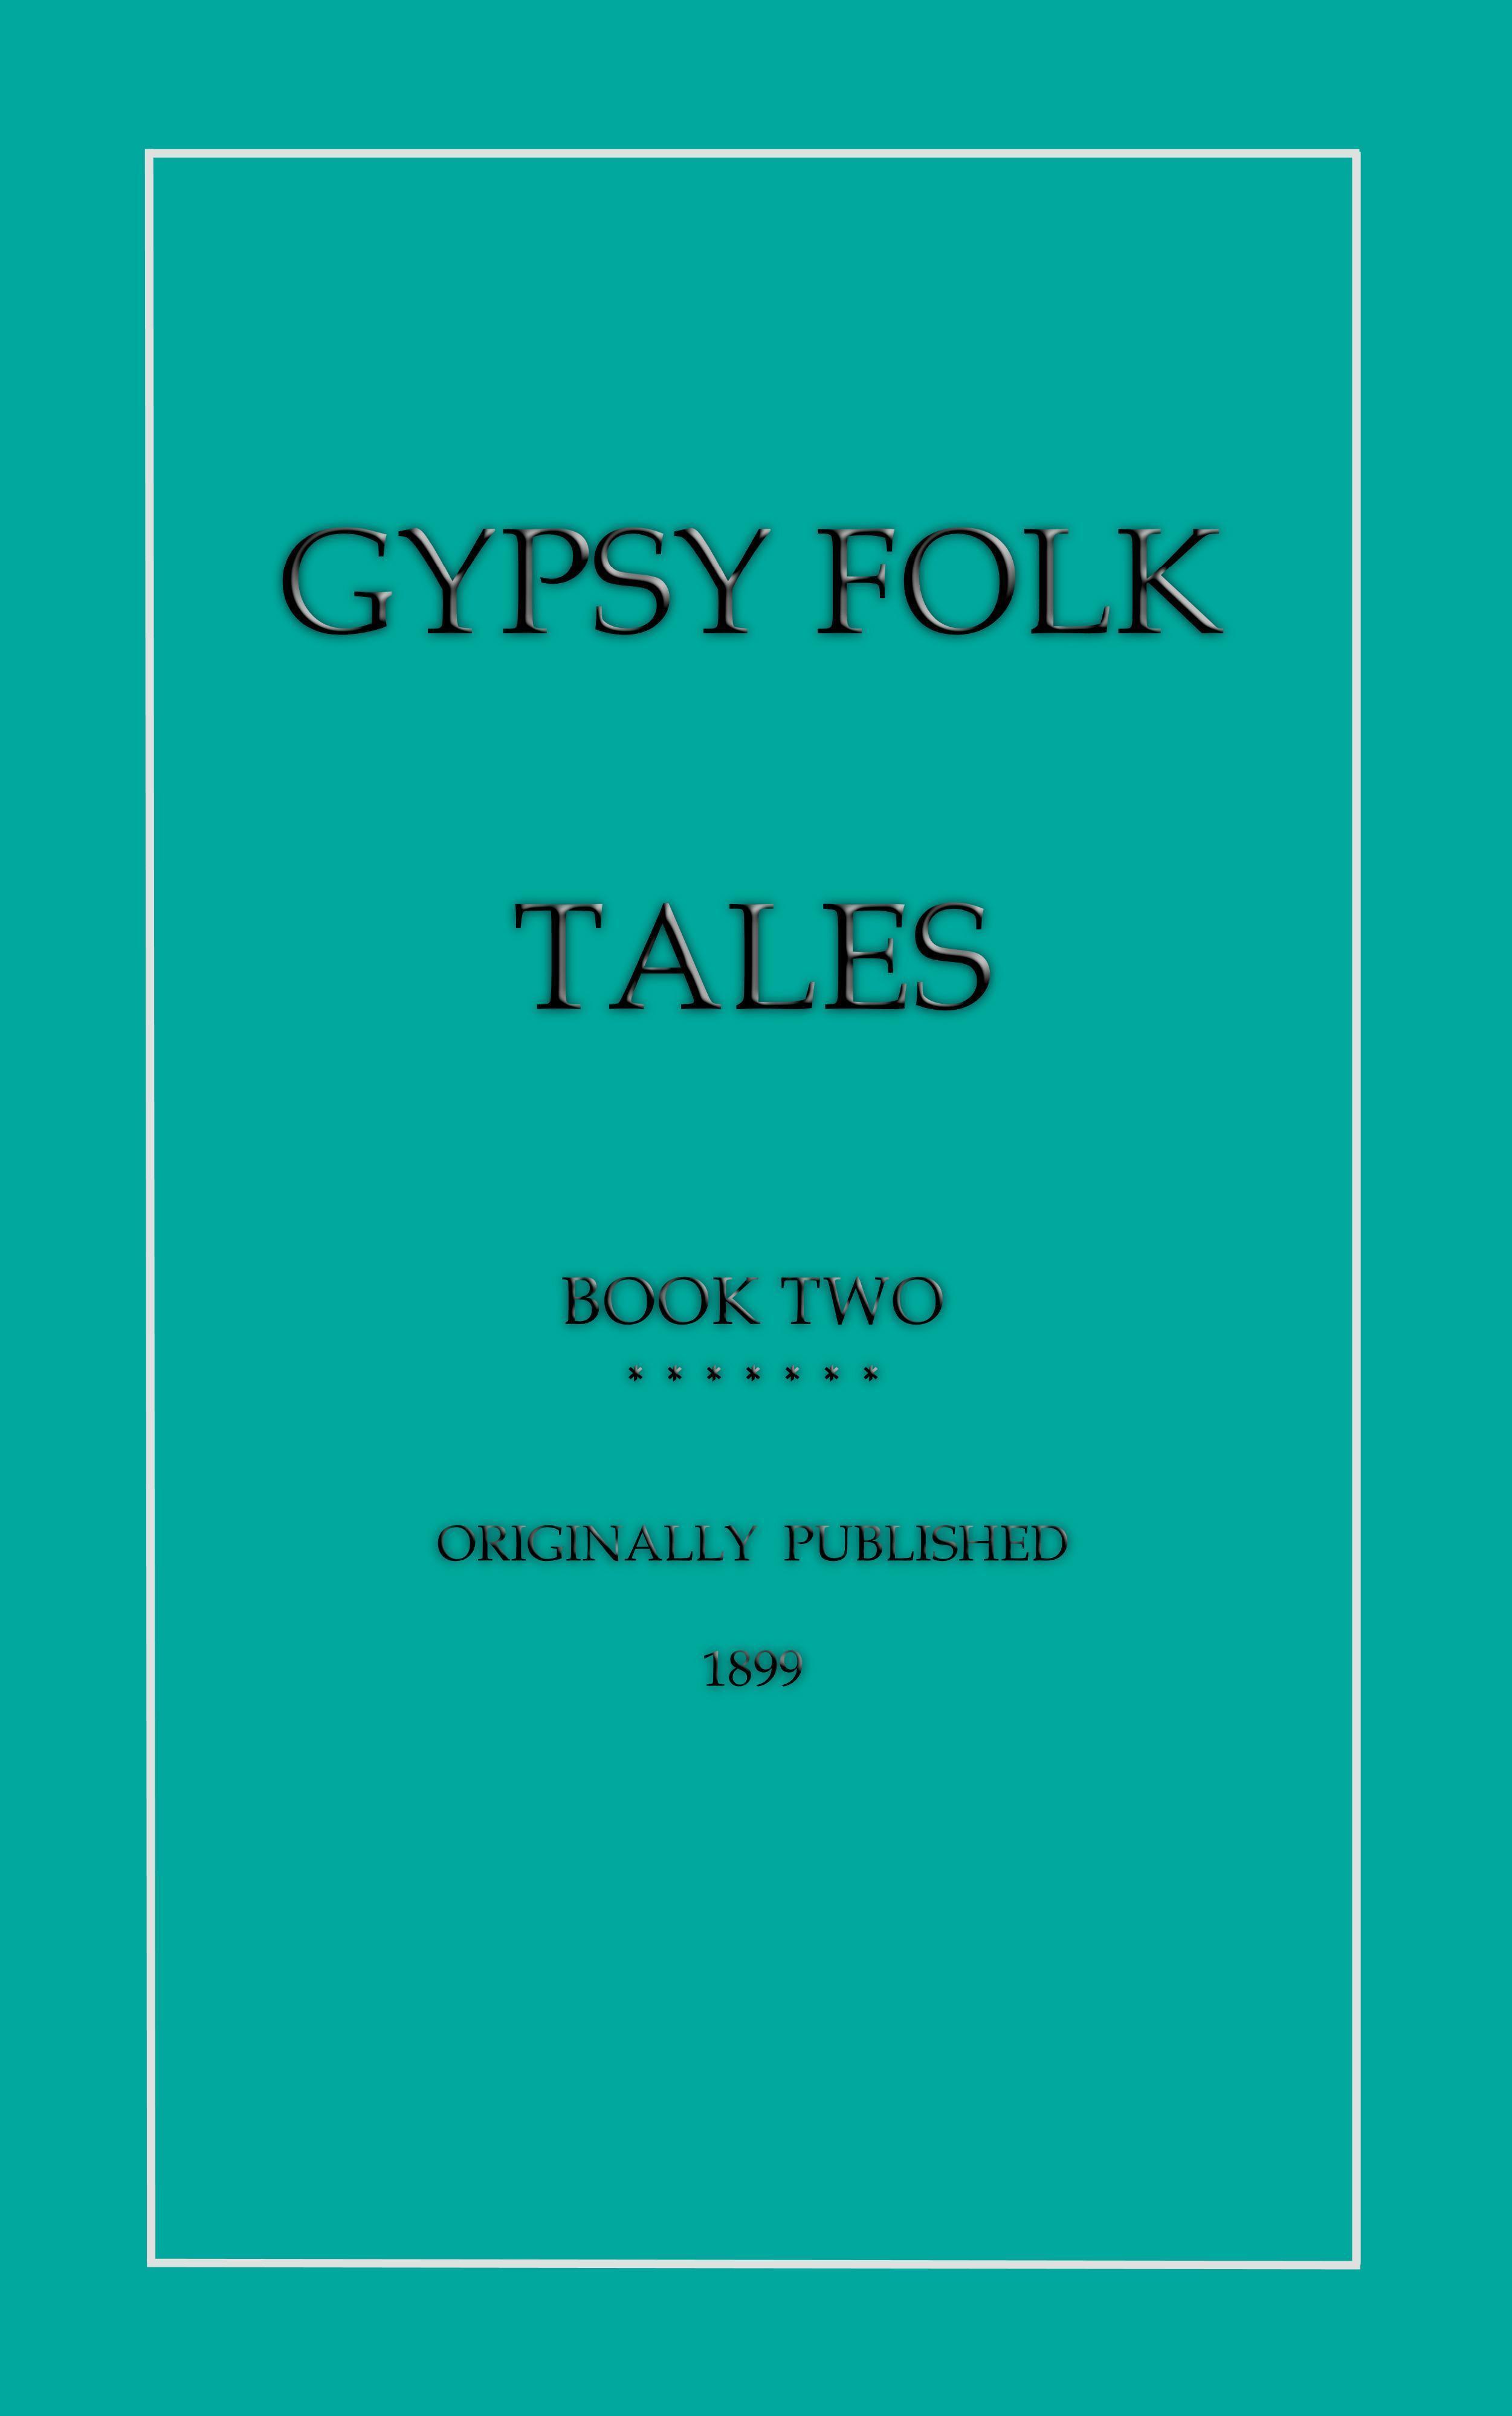 Gypsy Folk Tales - Book Two EB2370003048933